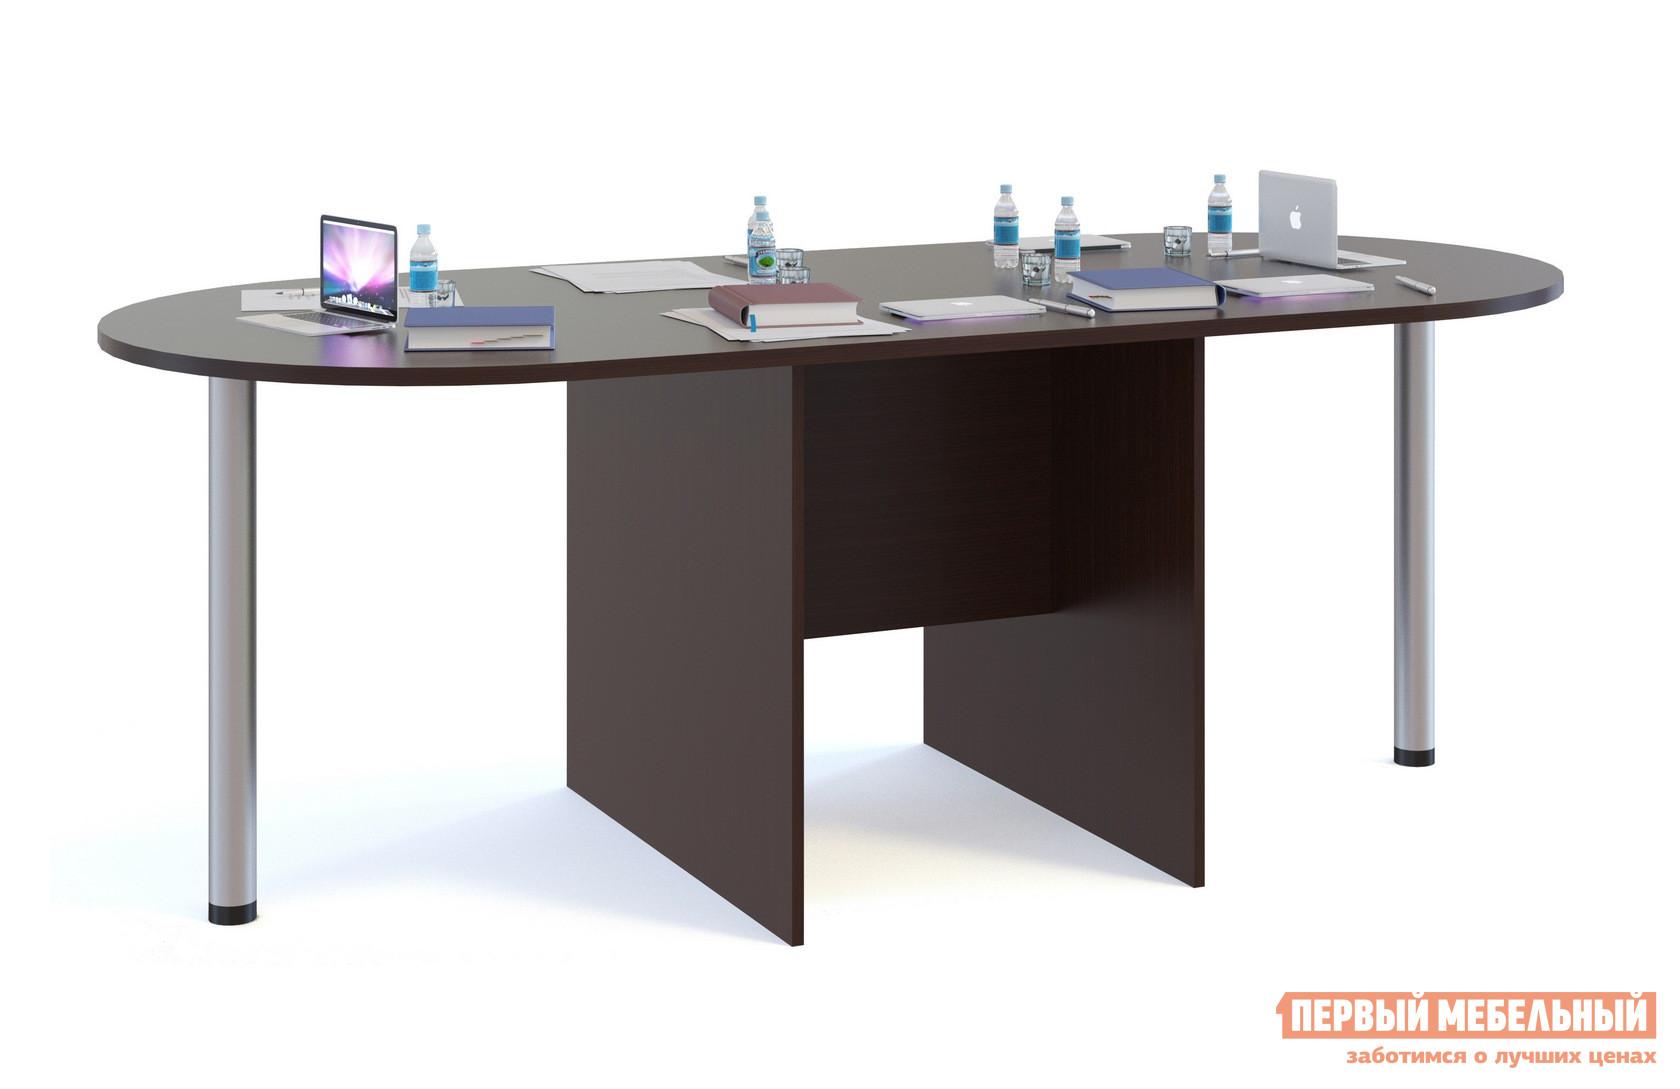 Стол для переговоров Сокол СПР-04+2 шт. СПР-03 Венге